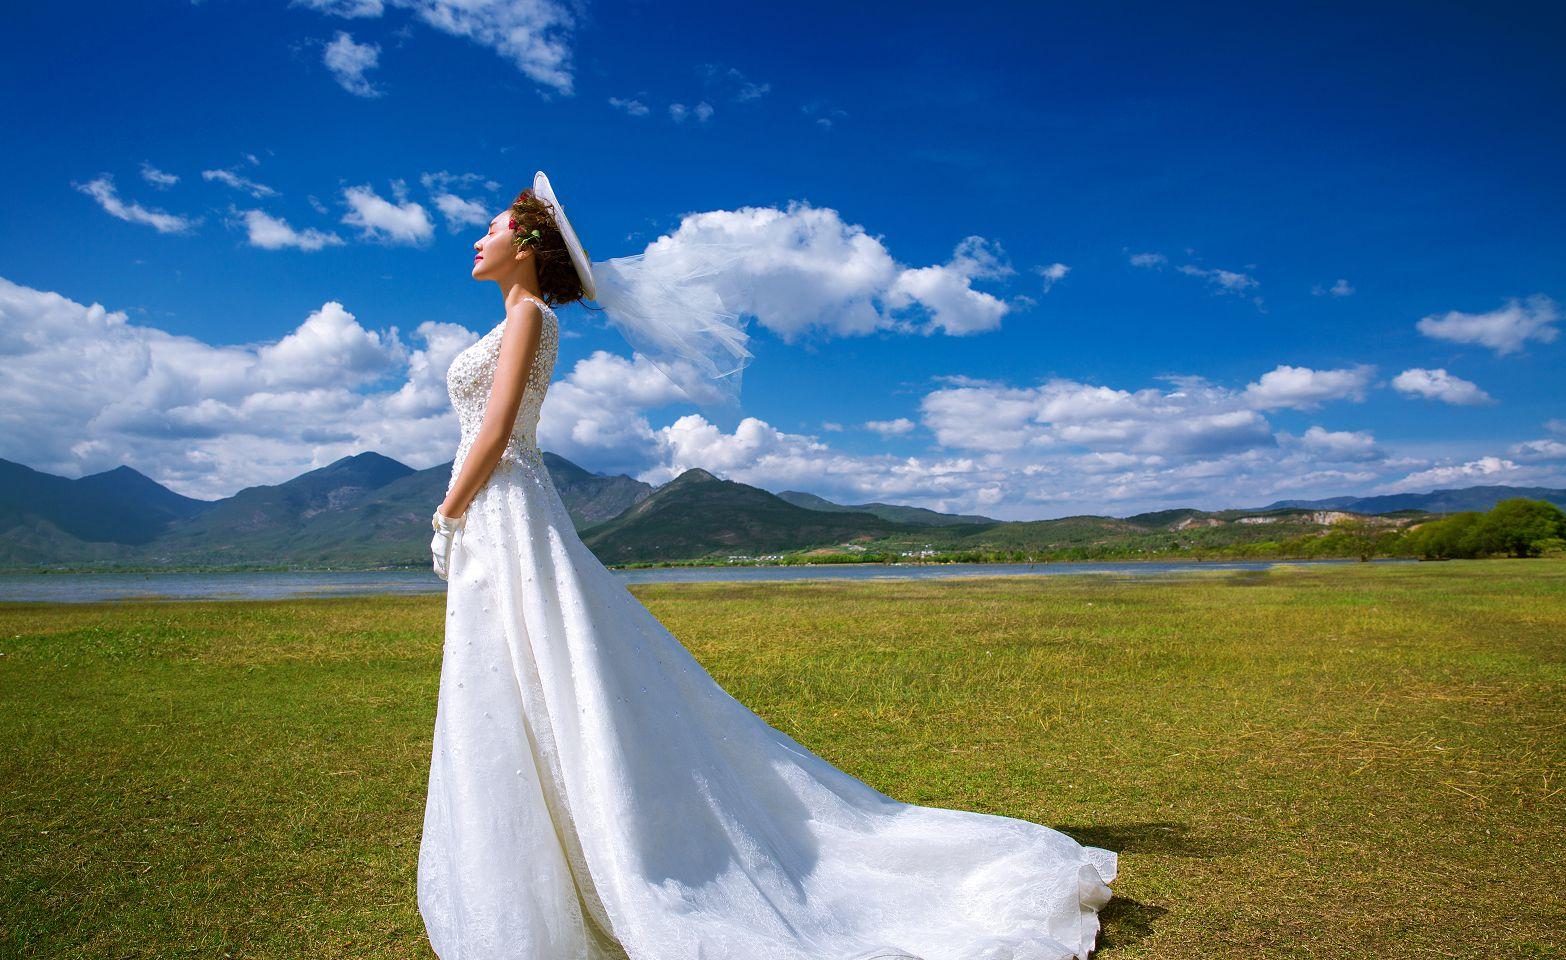 蜜月旅拍婚纱照攻略,旅行和婚纱照该怎样搭配?